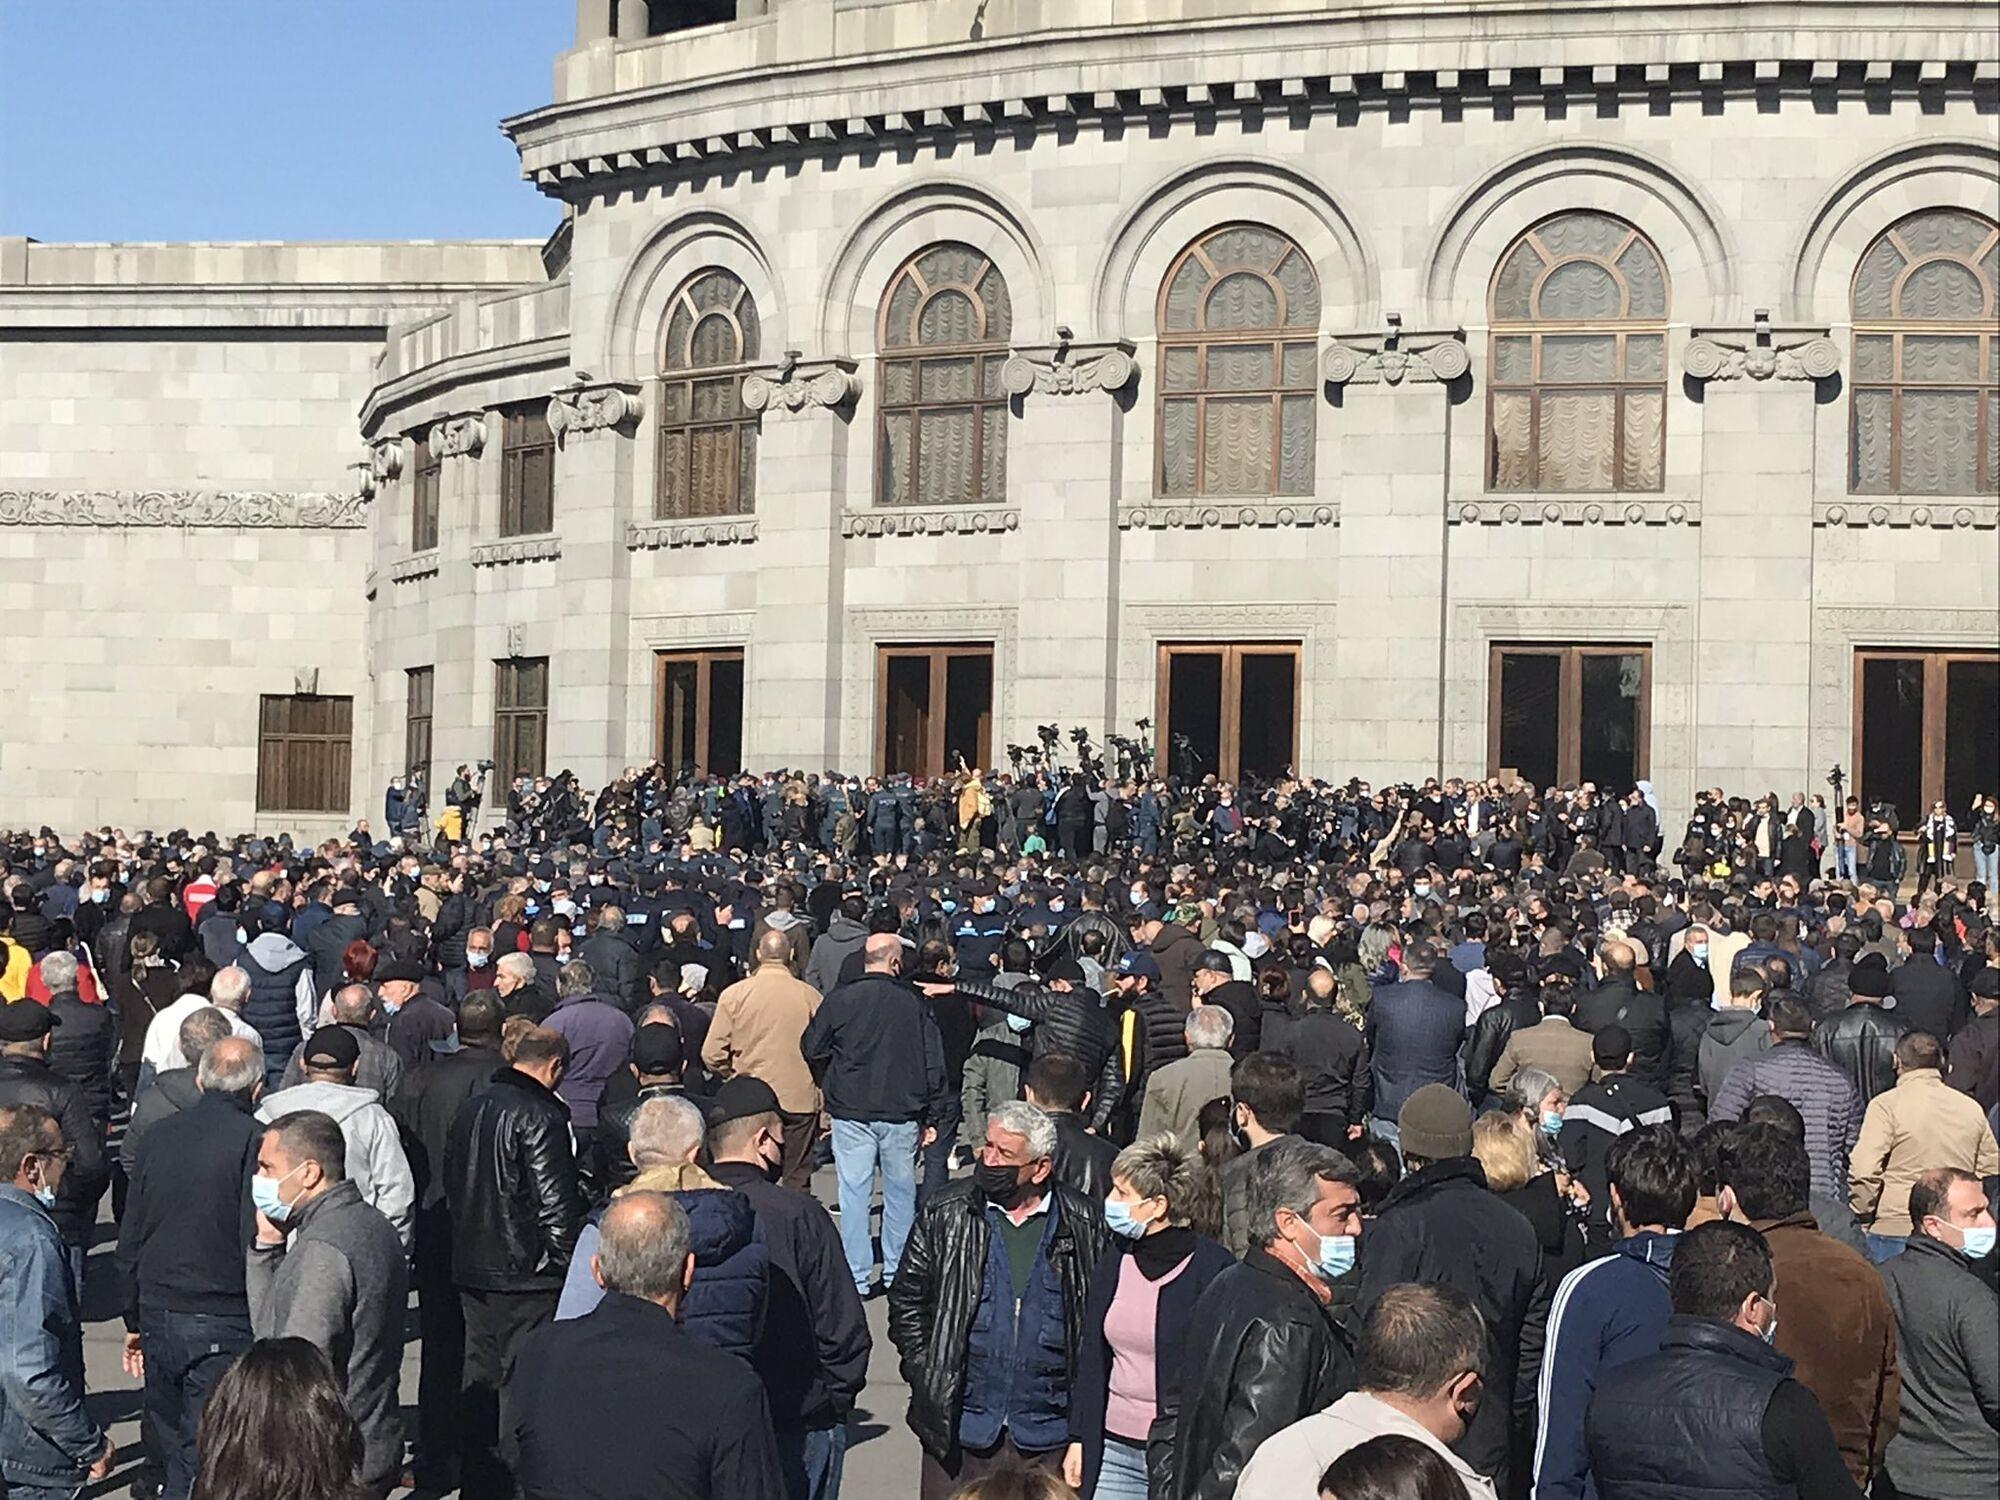 У Вірменії протестують протимиру в Карабасі